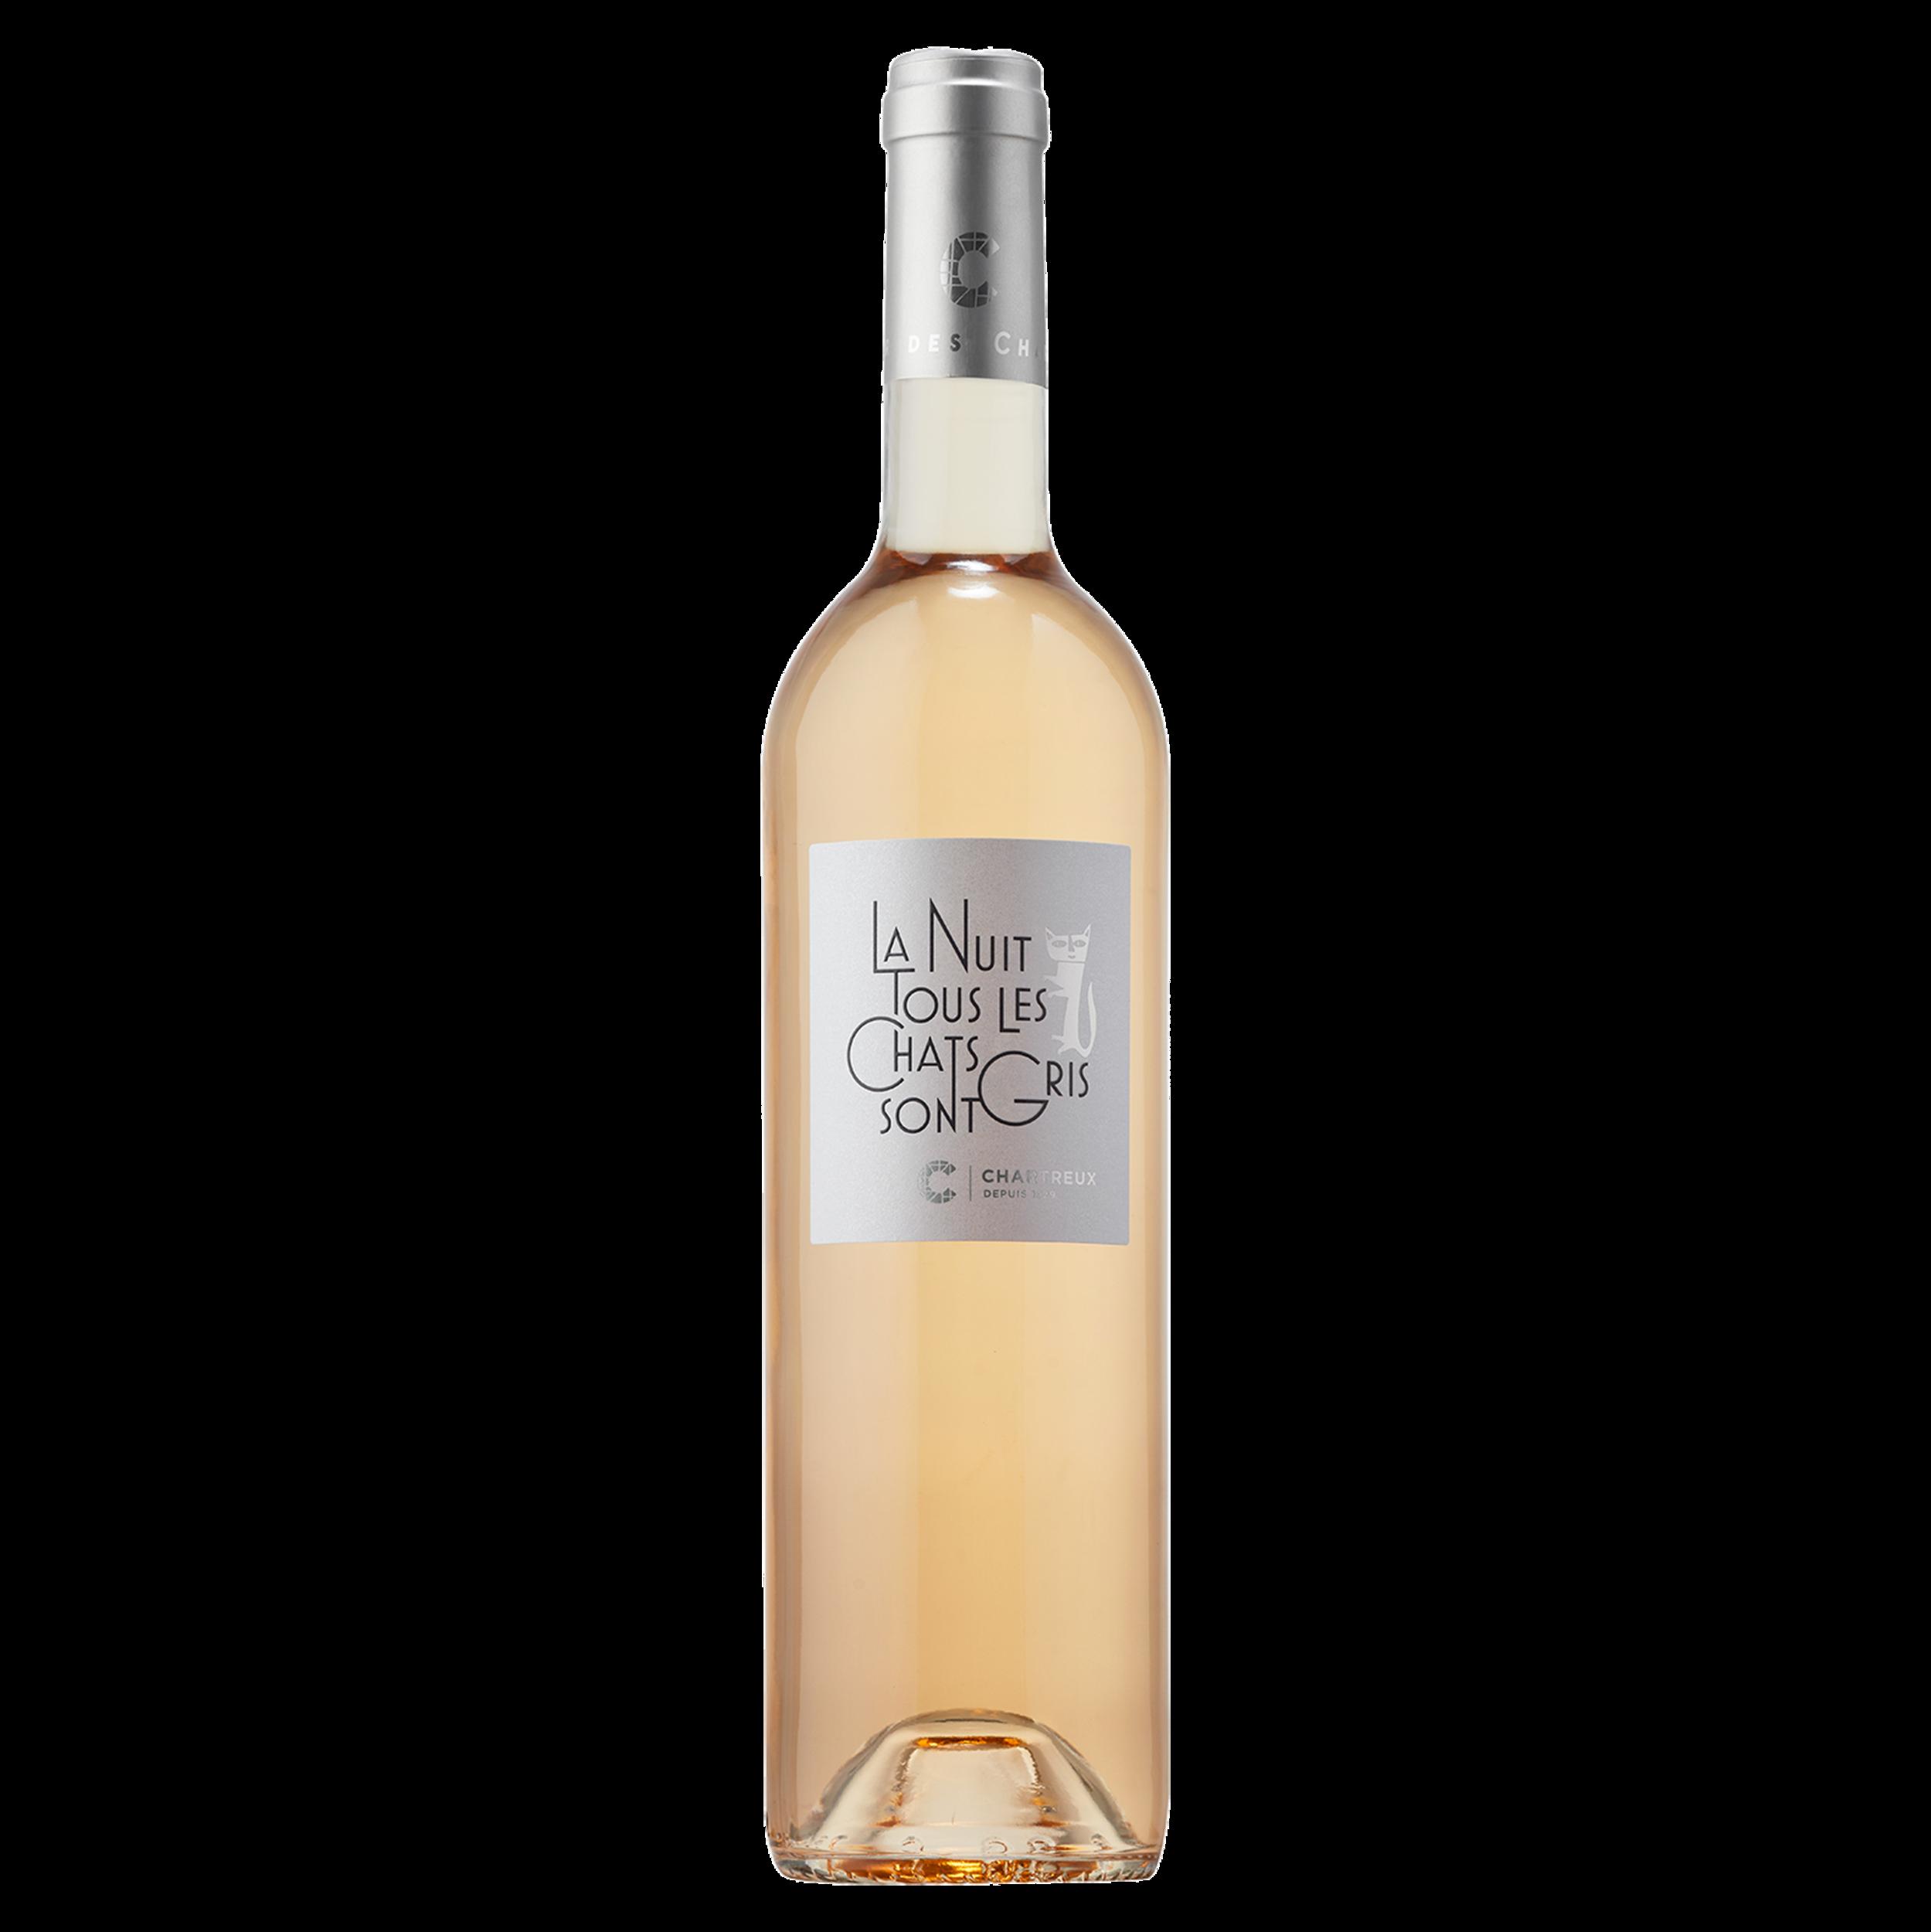 Vin de Pays - La Nuit Tous Les Chats Sont Gris - Domaine Cellier des Chartreux - 2020